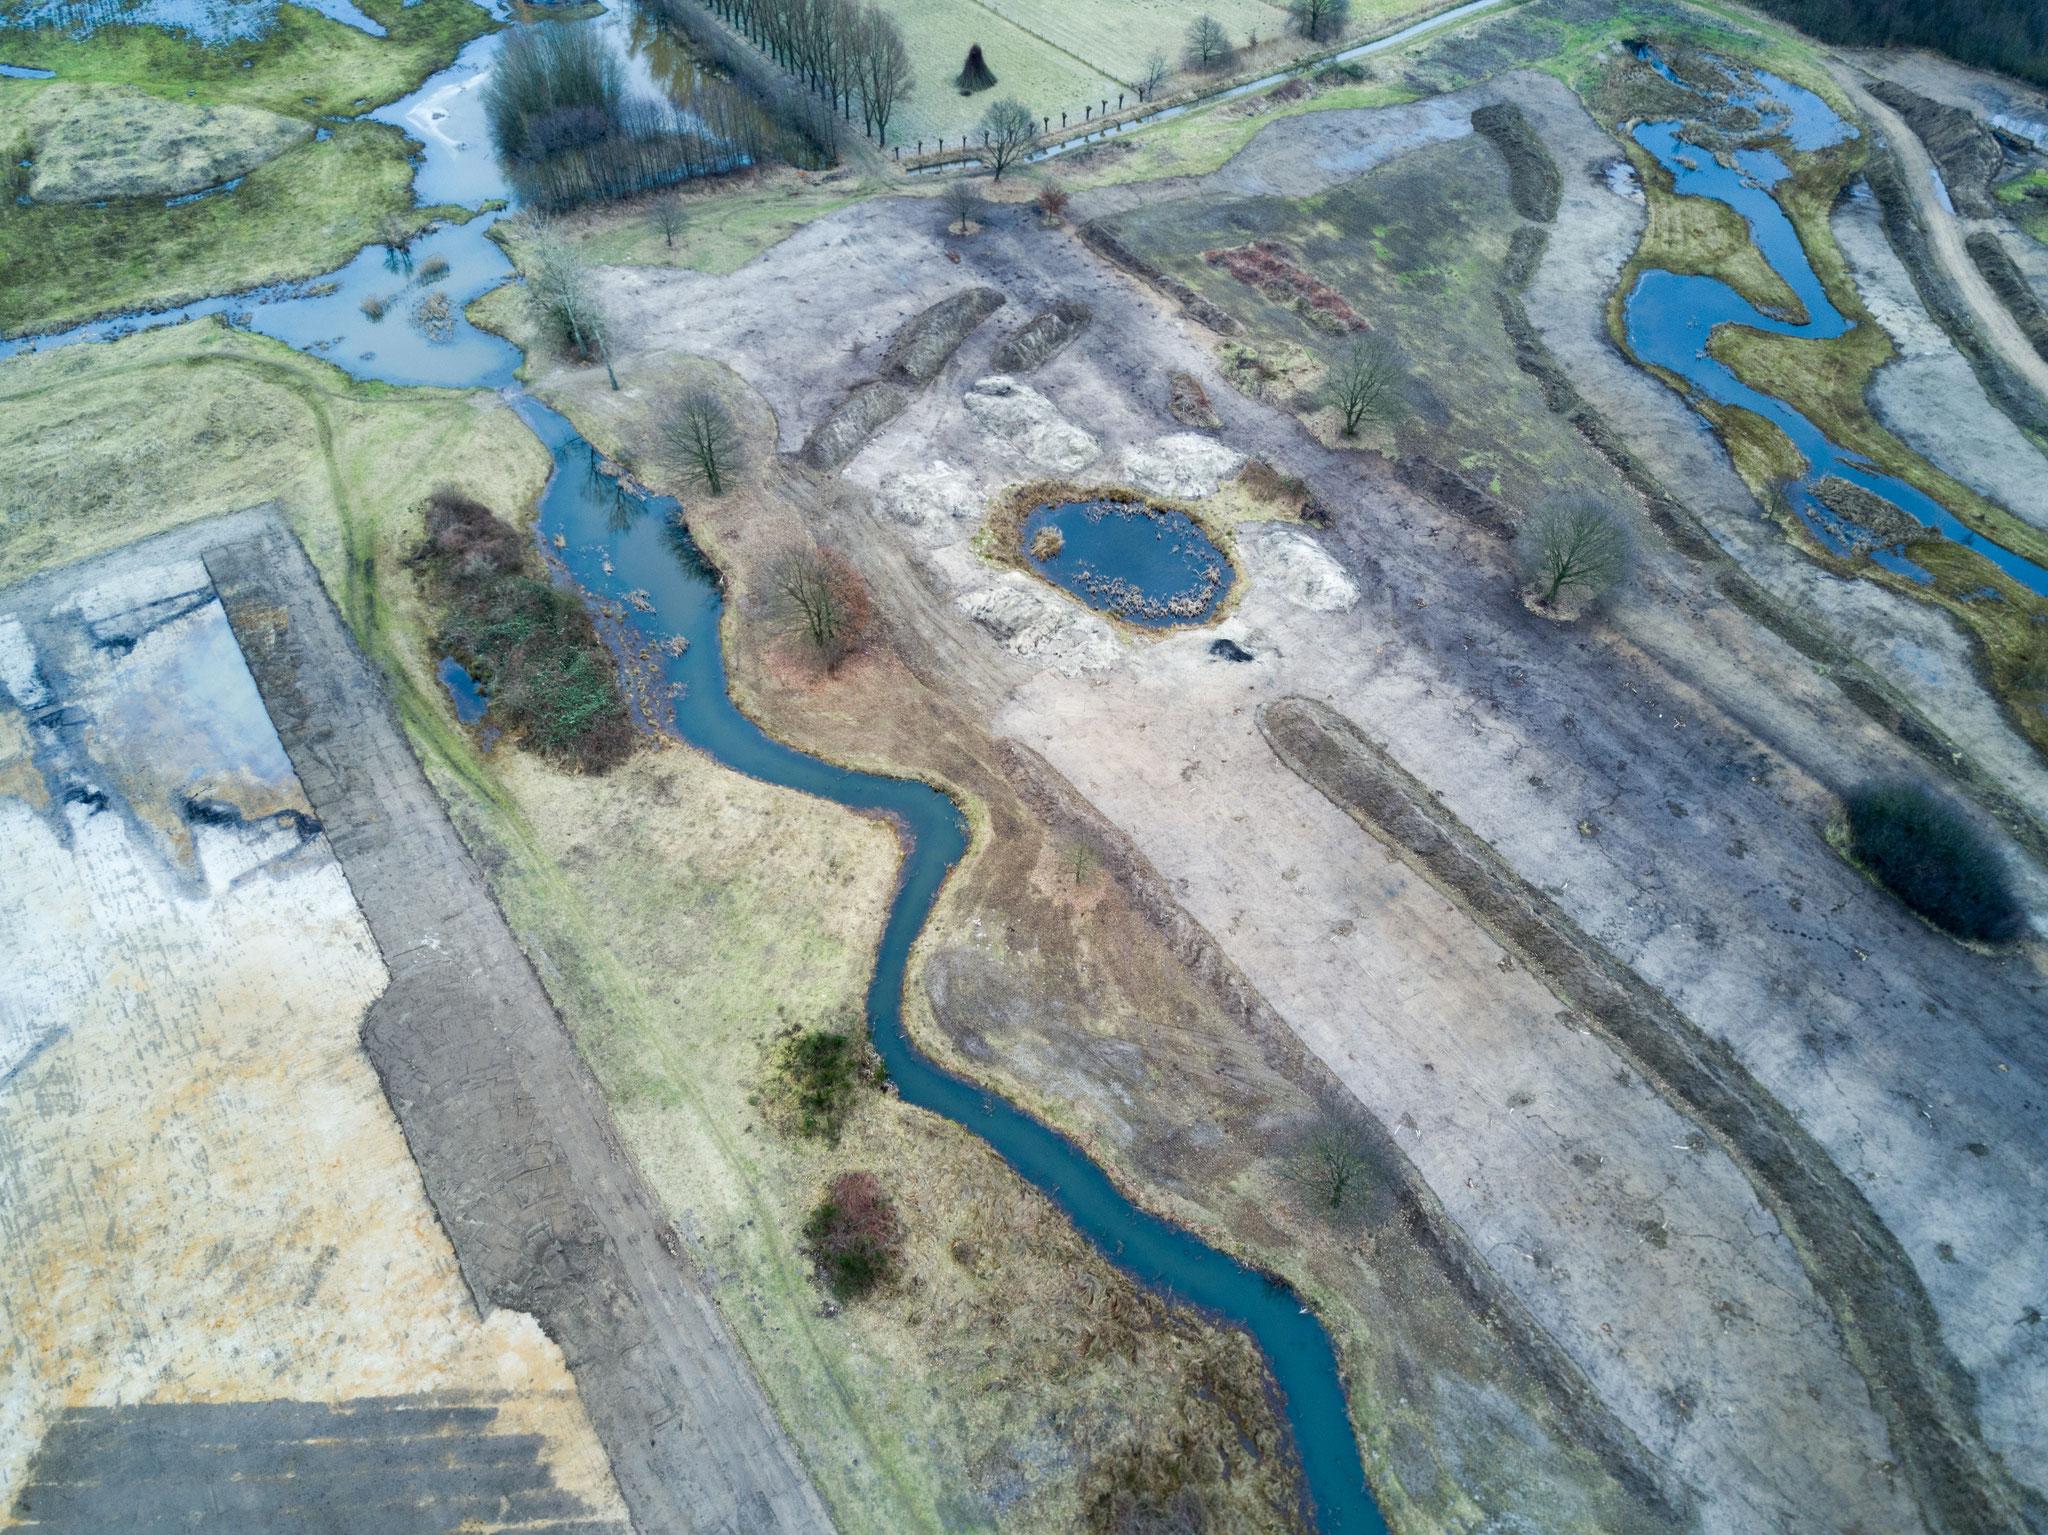 Overzicht van het deel met het 'beekje', nadat er nog graafwerkzaamheden hebben plaastgehad om o.a. Guldenroede te bestrijden.